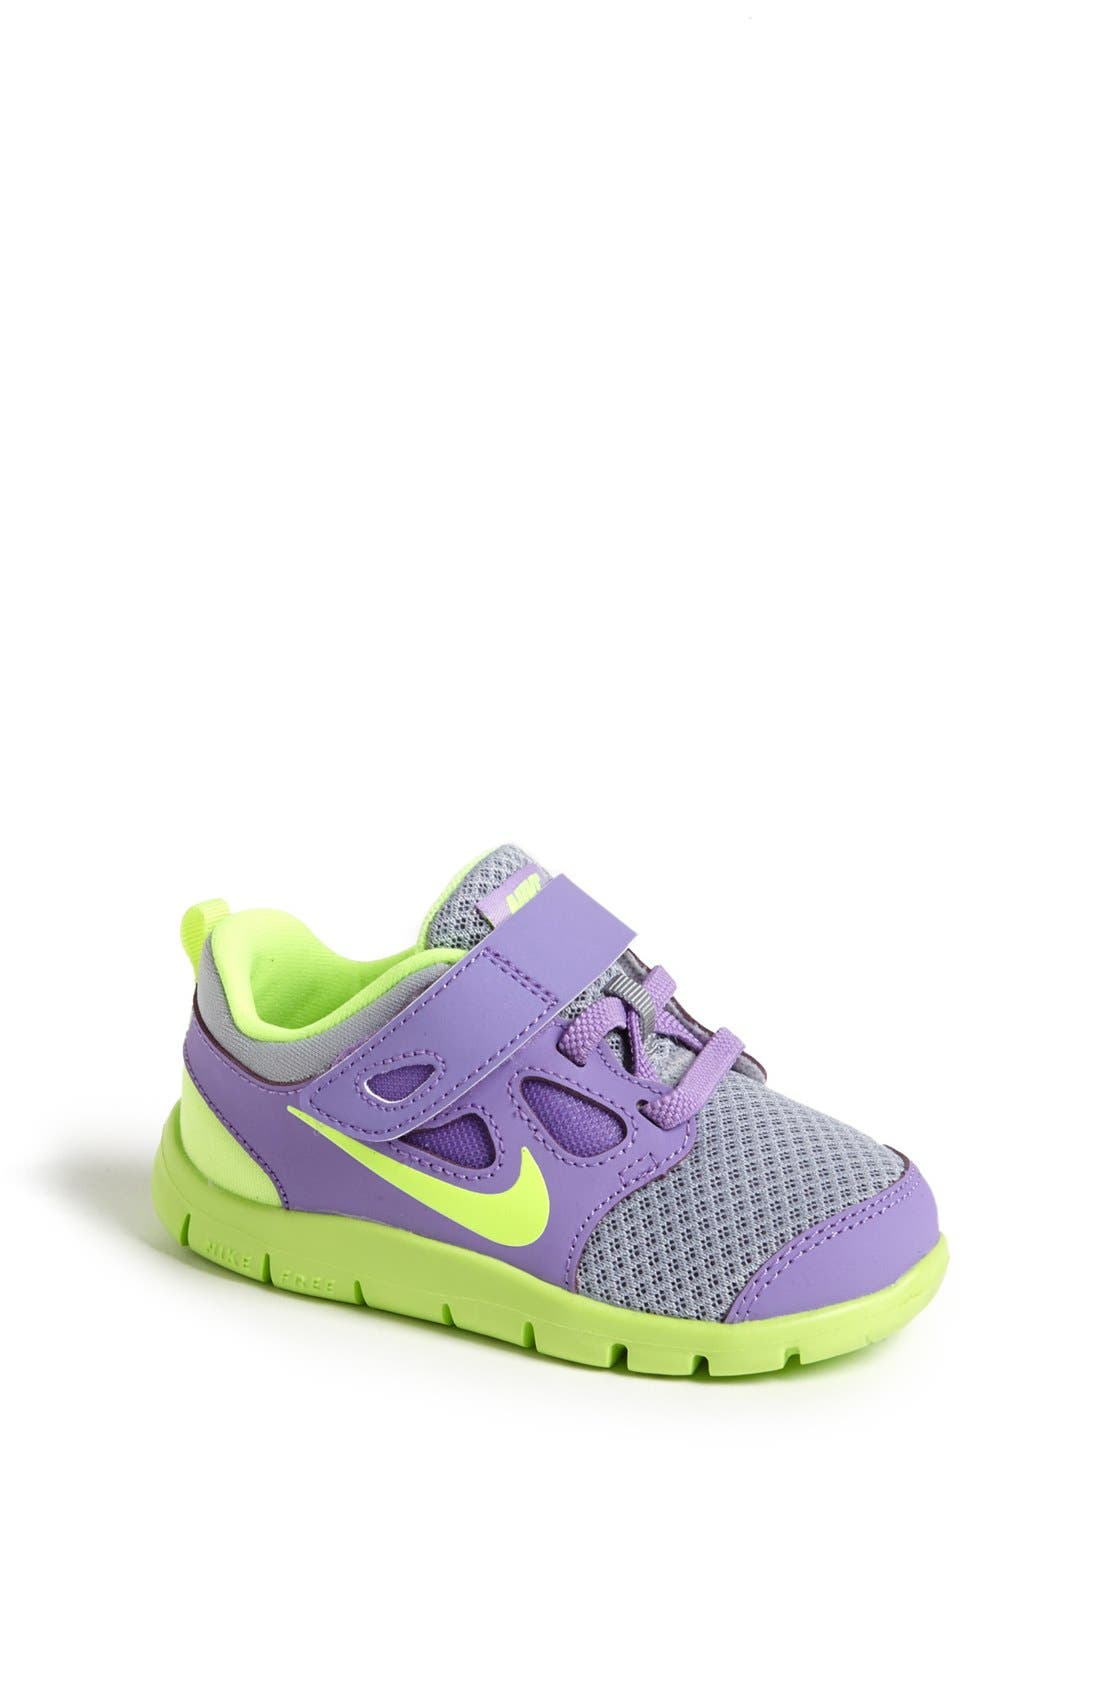 Nordstrom Nike Enfant Gratuit